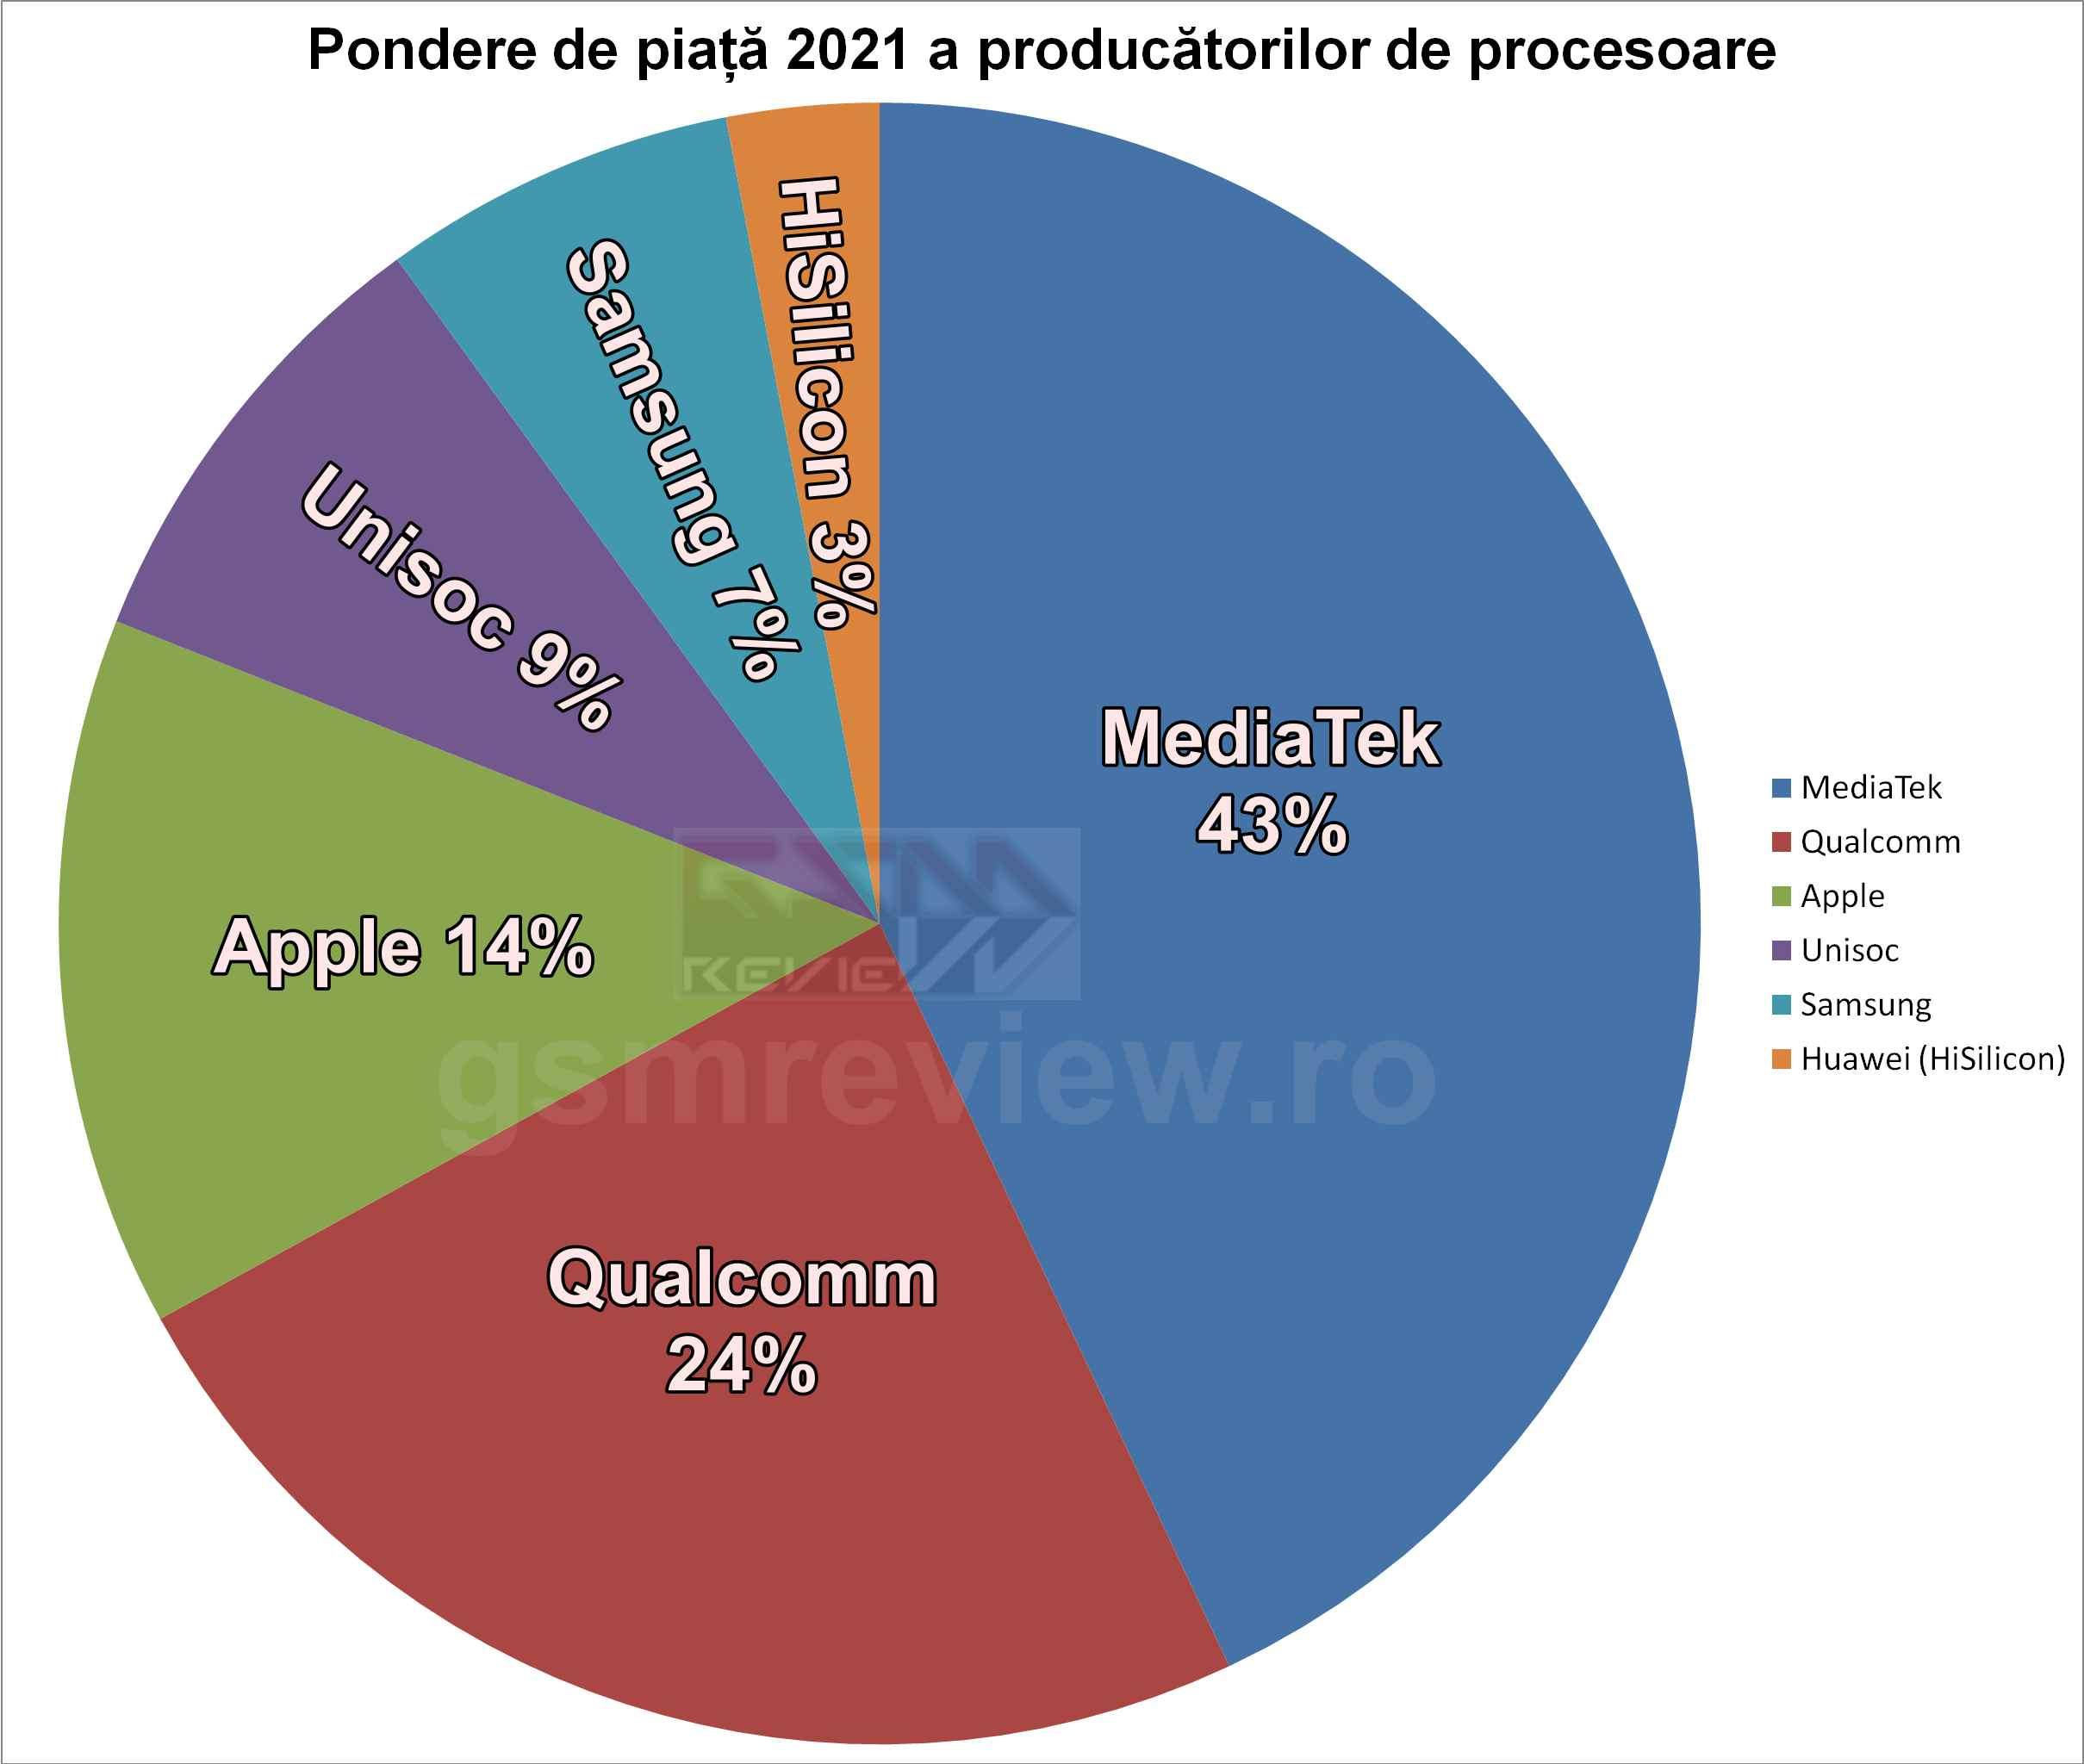 Ponderea pe piata a producatorilor de procesoare in 2021